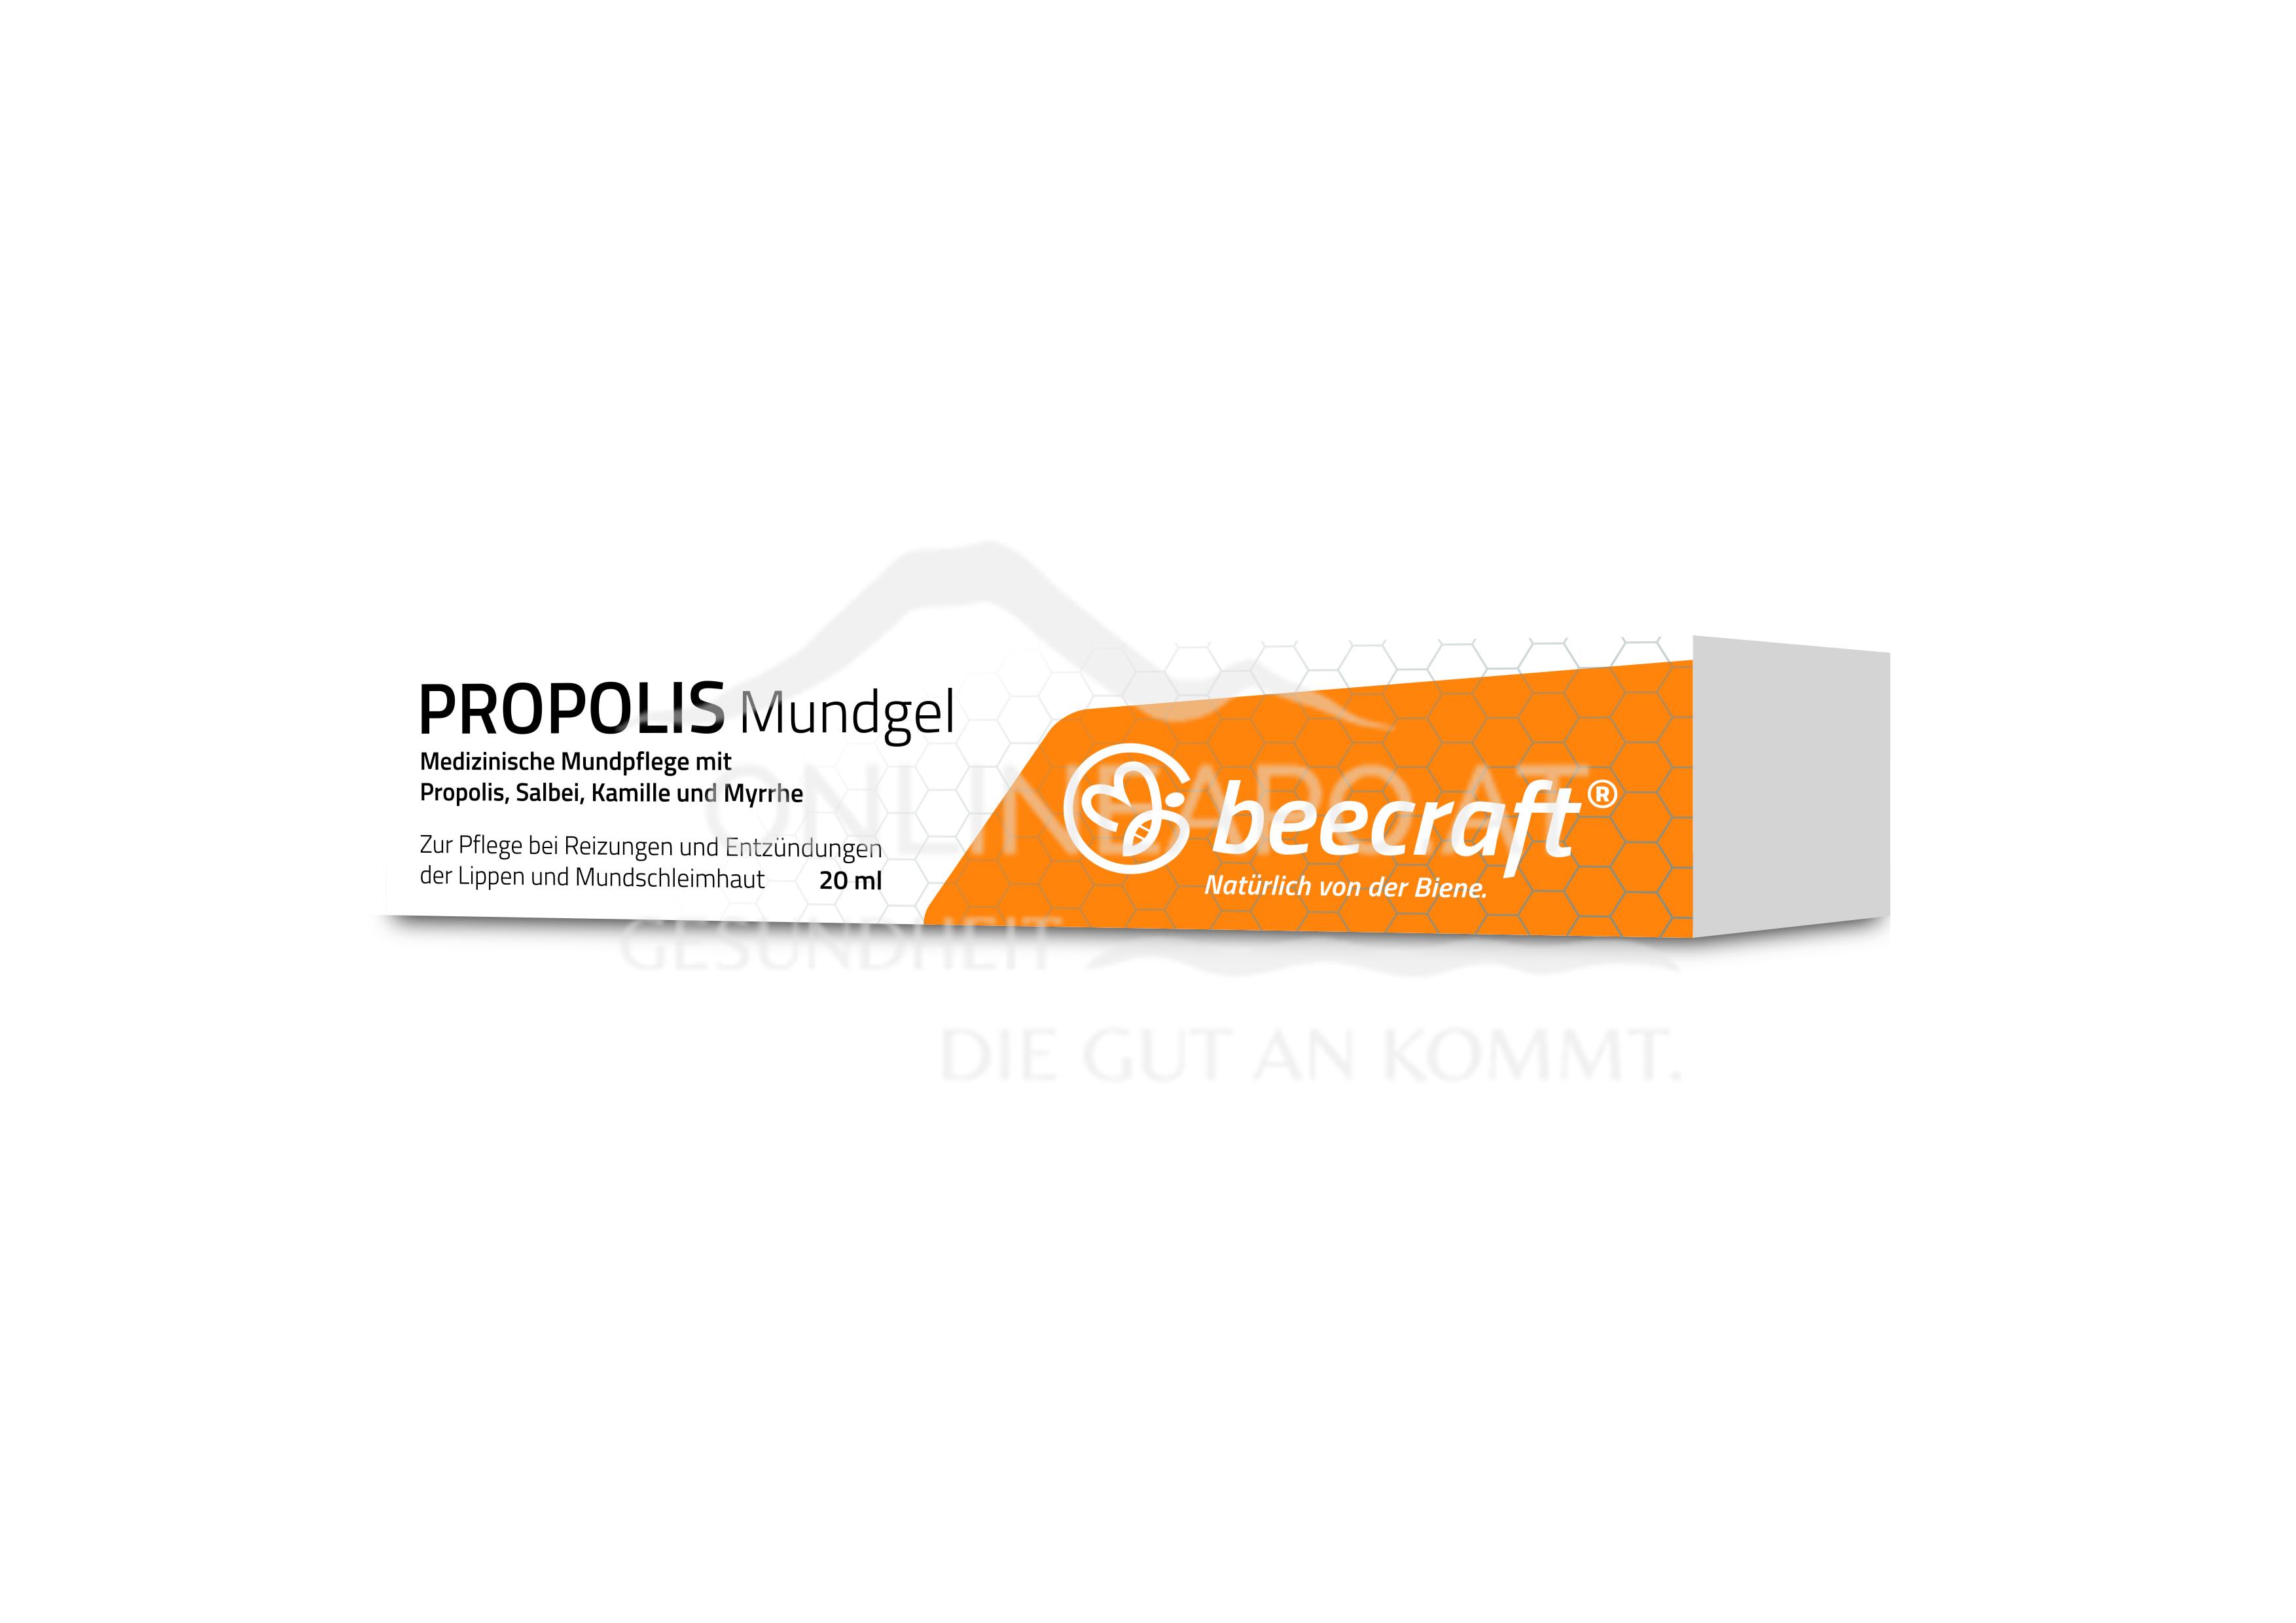 beecraft® Propolis Mundgel